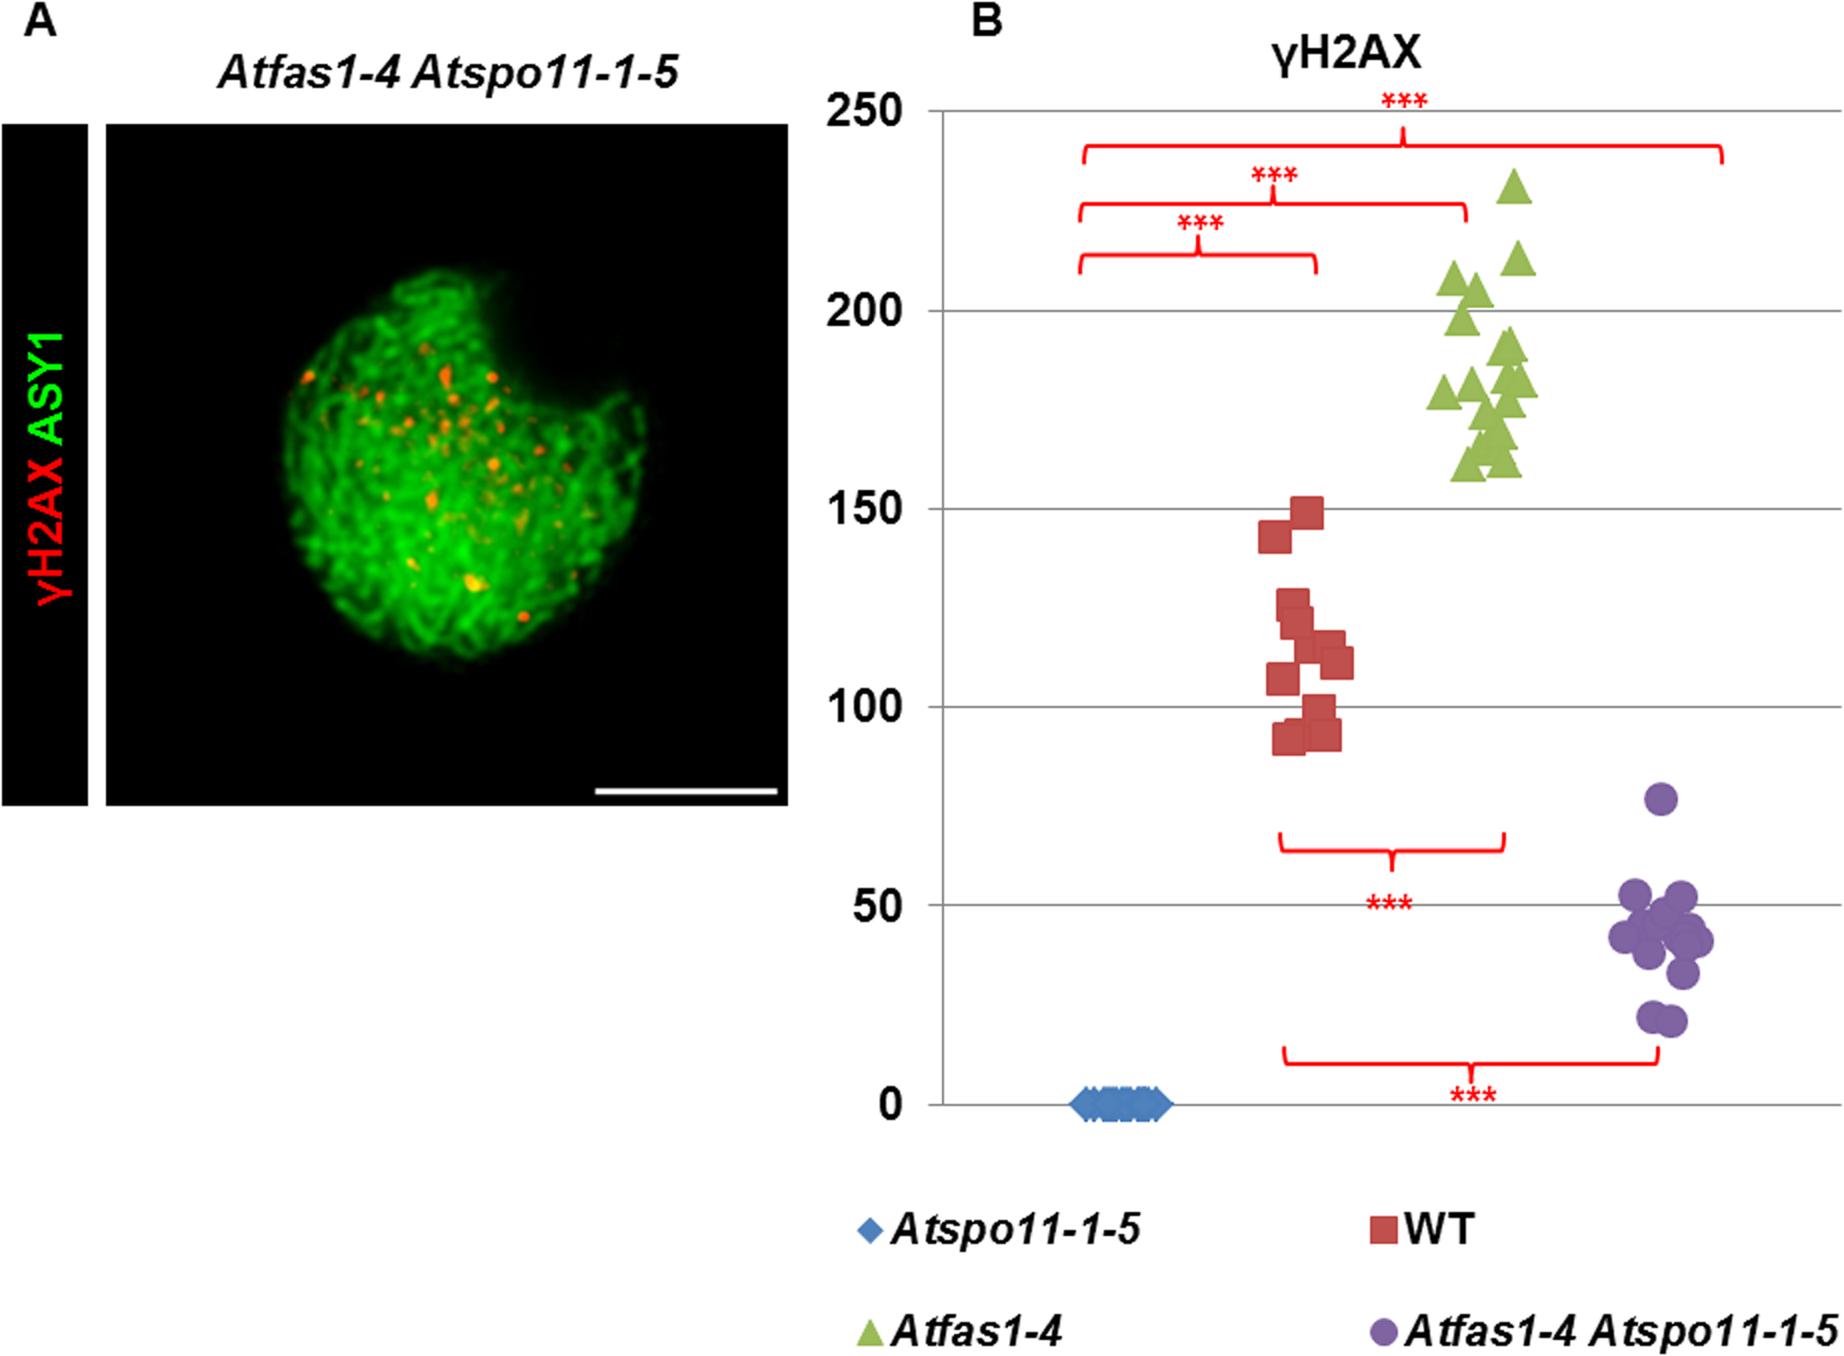 DSB formation in <i>Atfas1-4</i>, <i>Atspo11-1-5</i>, and in the double mutant <i>Atfas1-4 Atspo11-1-5</i>.